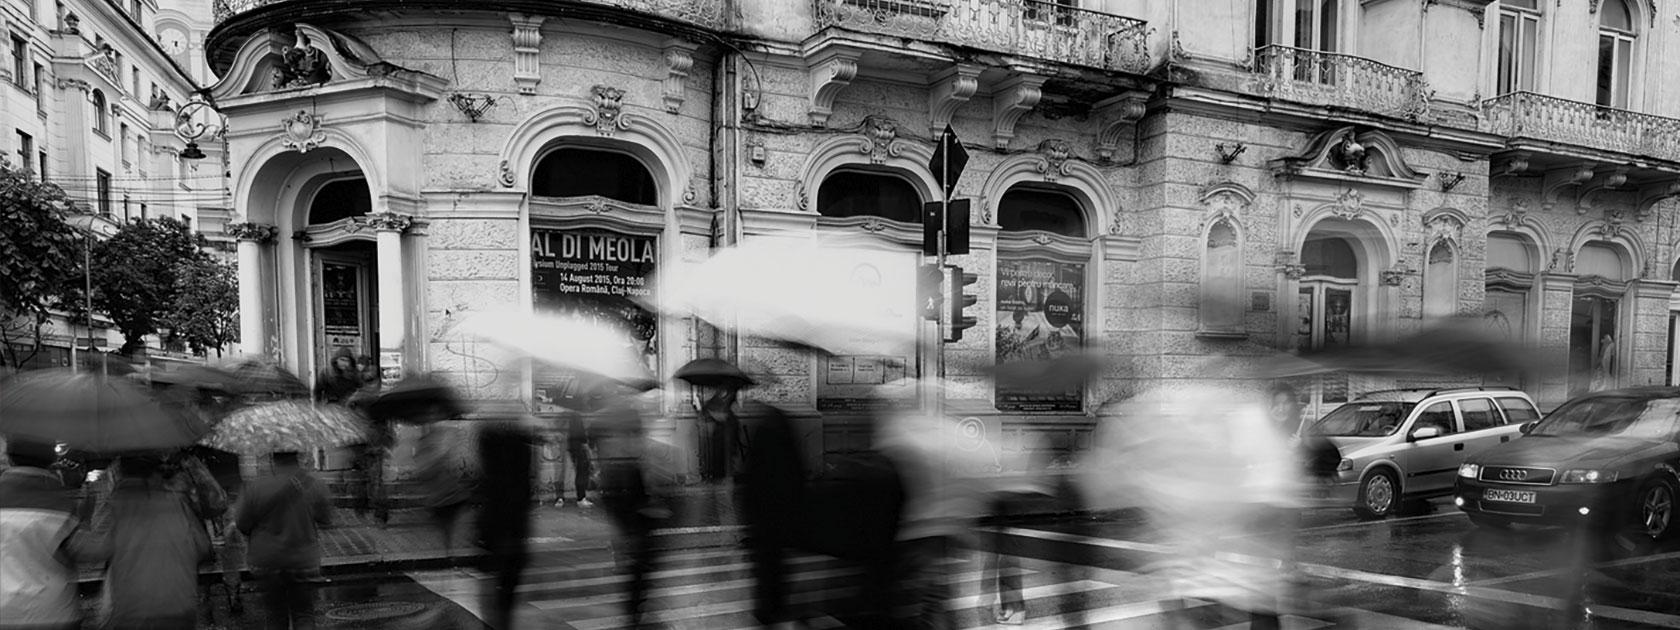 Histoires urbaines